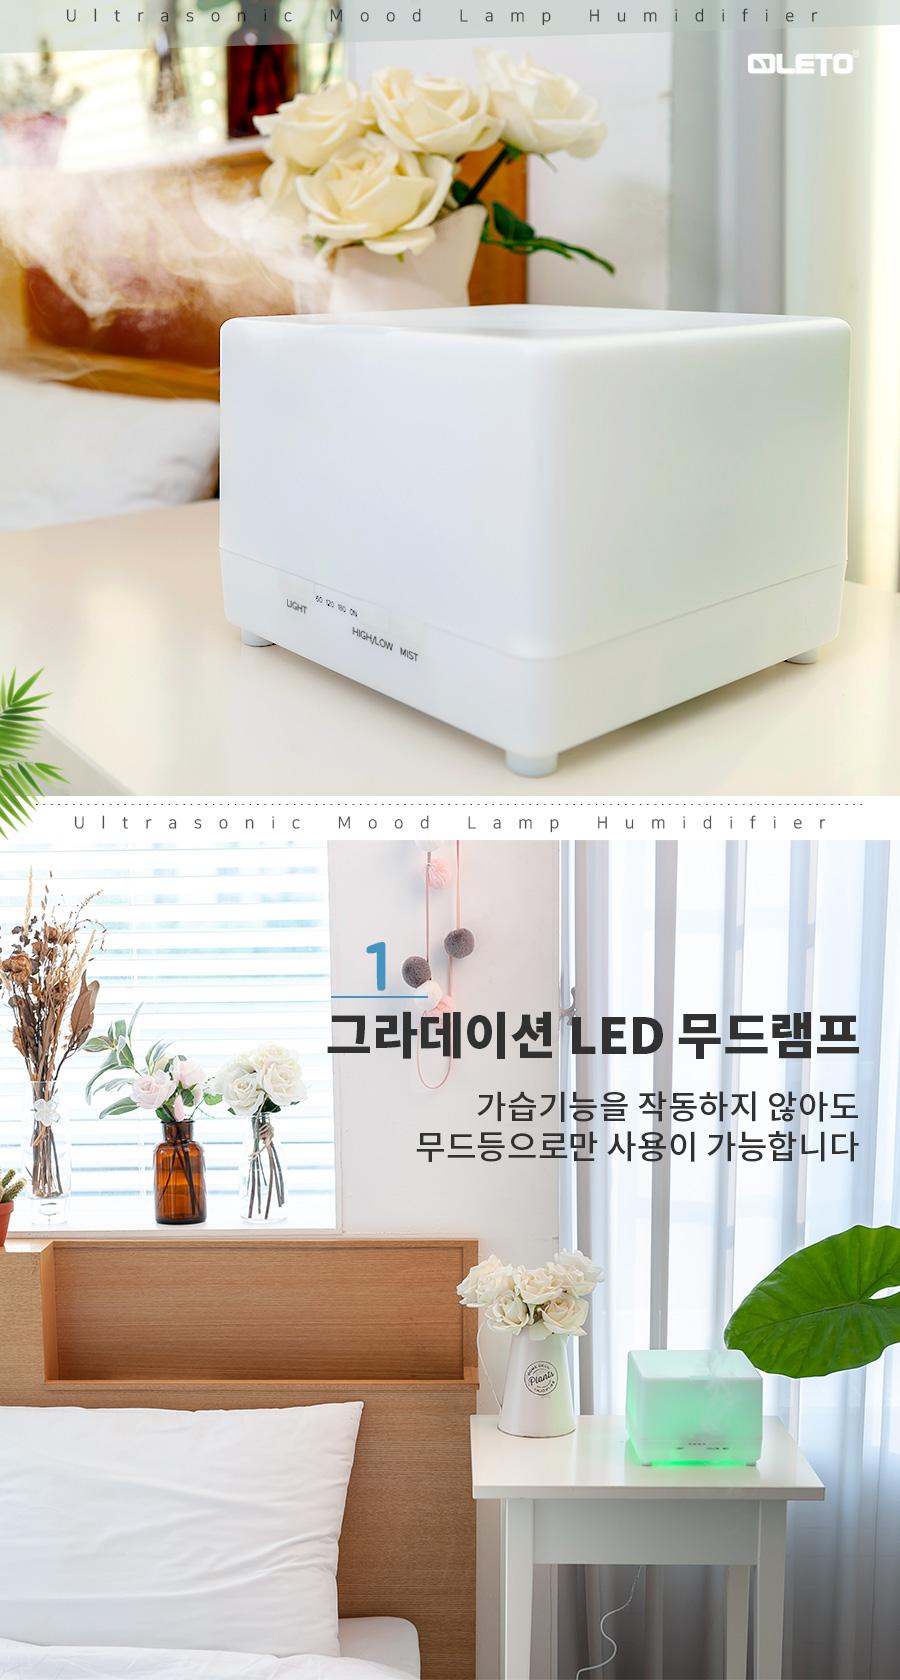 레토 사각 무드등 미니가습기 LHD-SQ700 초음파가습기 (간편세척) - 레토, 37,900원, USB 계절가전, 가습기